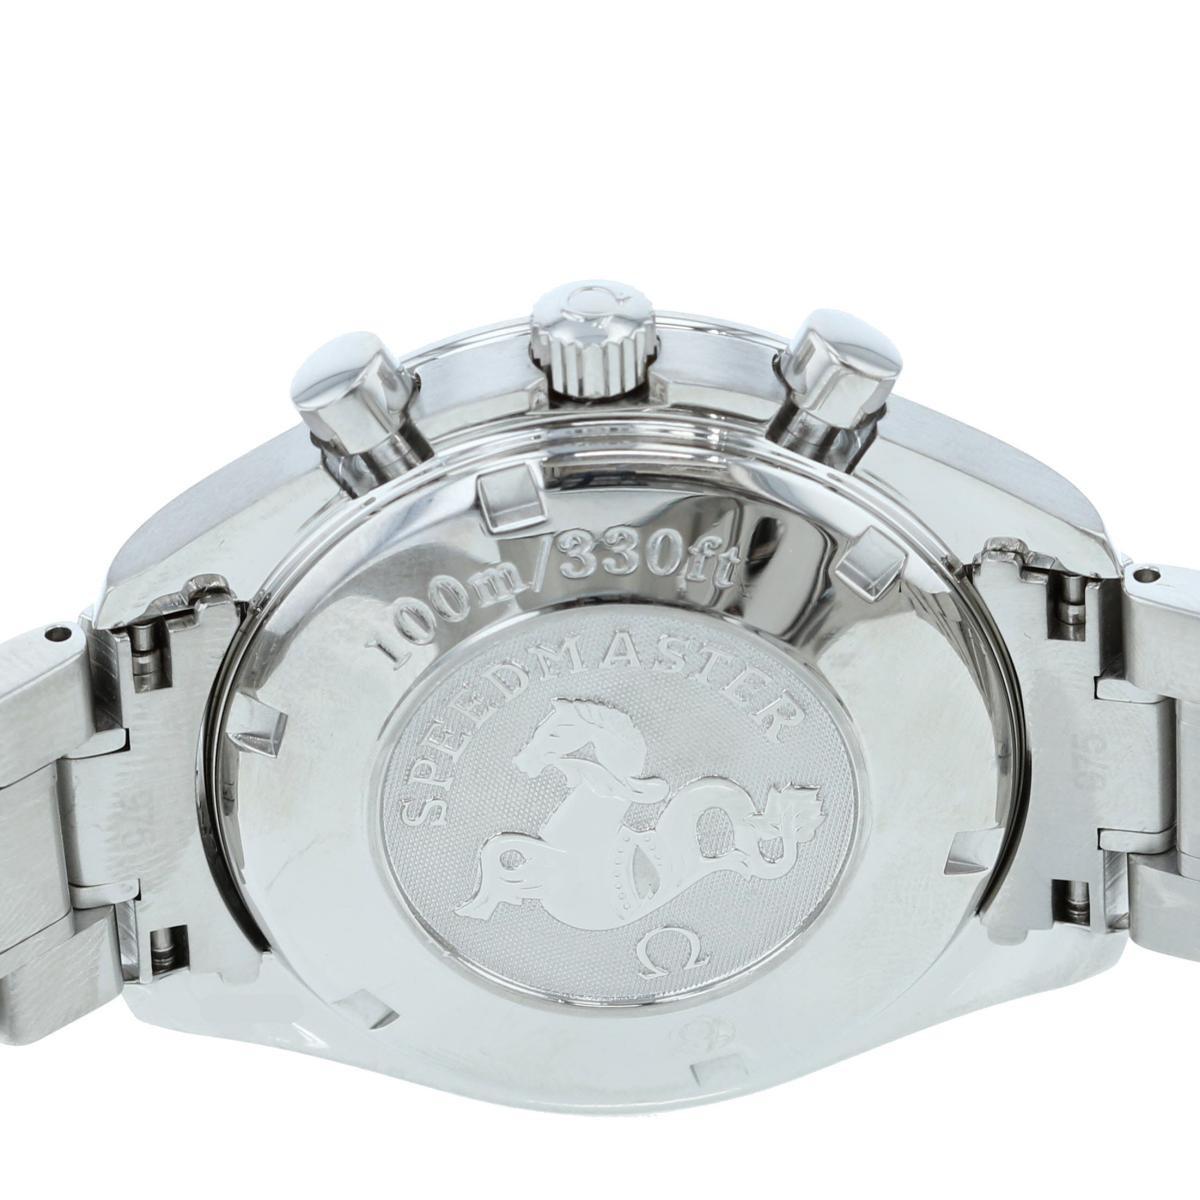 【お値下げ品】【中古】 OMEGA (オメガ) スピードマスター デイト 時計 自動巻き/メンズ スピードマスターデイト Silver/シルバー 3211.31 used:A